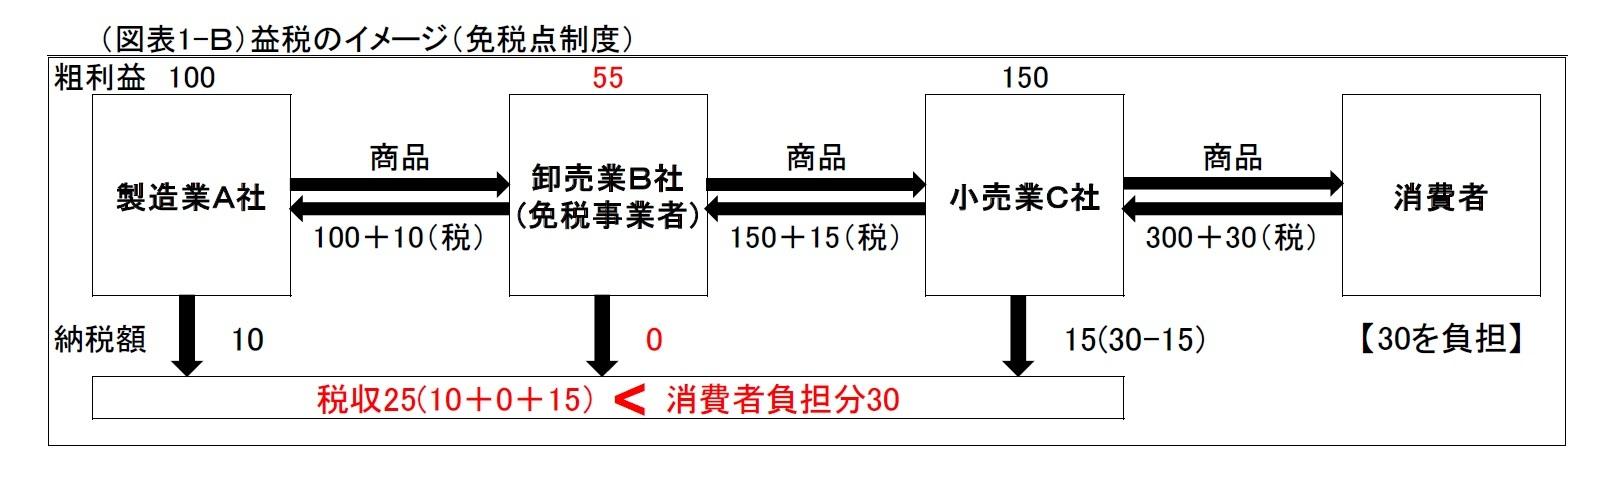 (図表1-B)益税のイメージ(免税点制度)